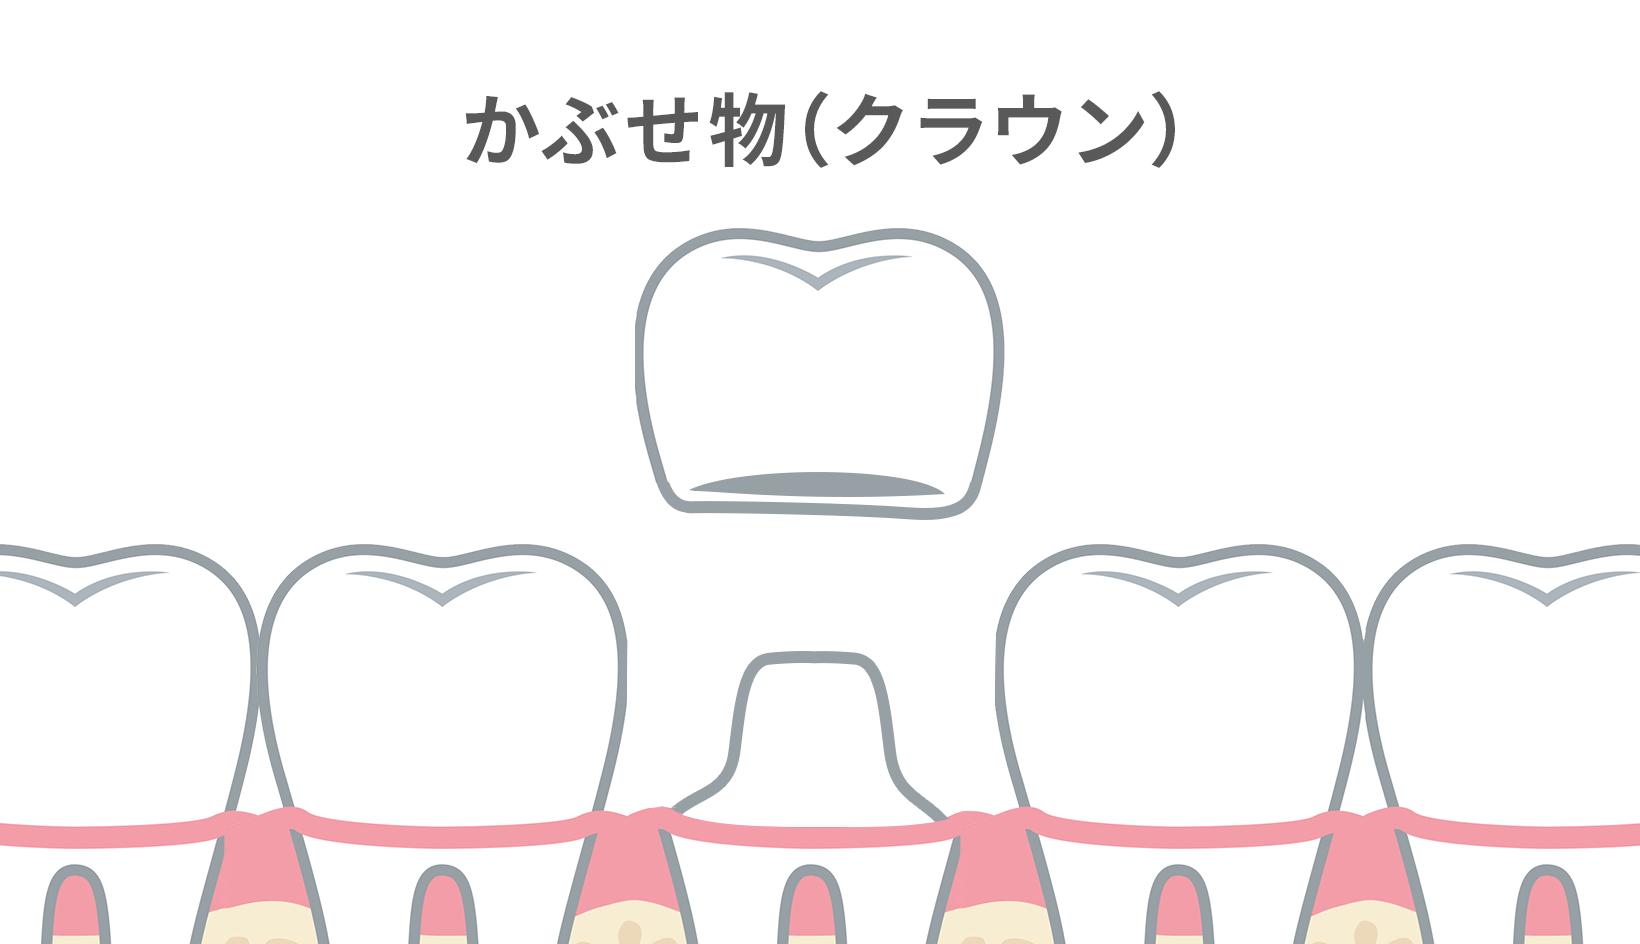 クラウンとは、虫歯治療で歯を大部分削ったり、歯並びを整える時に使うかぶせ物・差し歯のこと